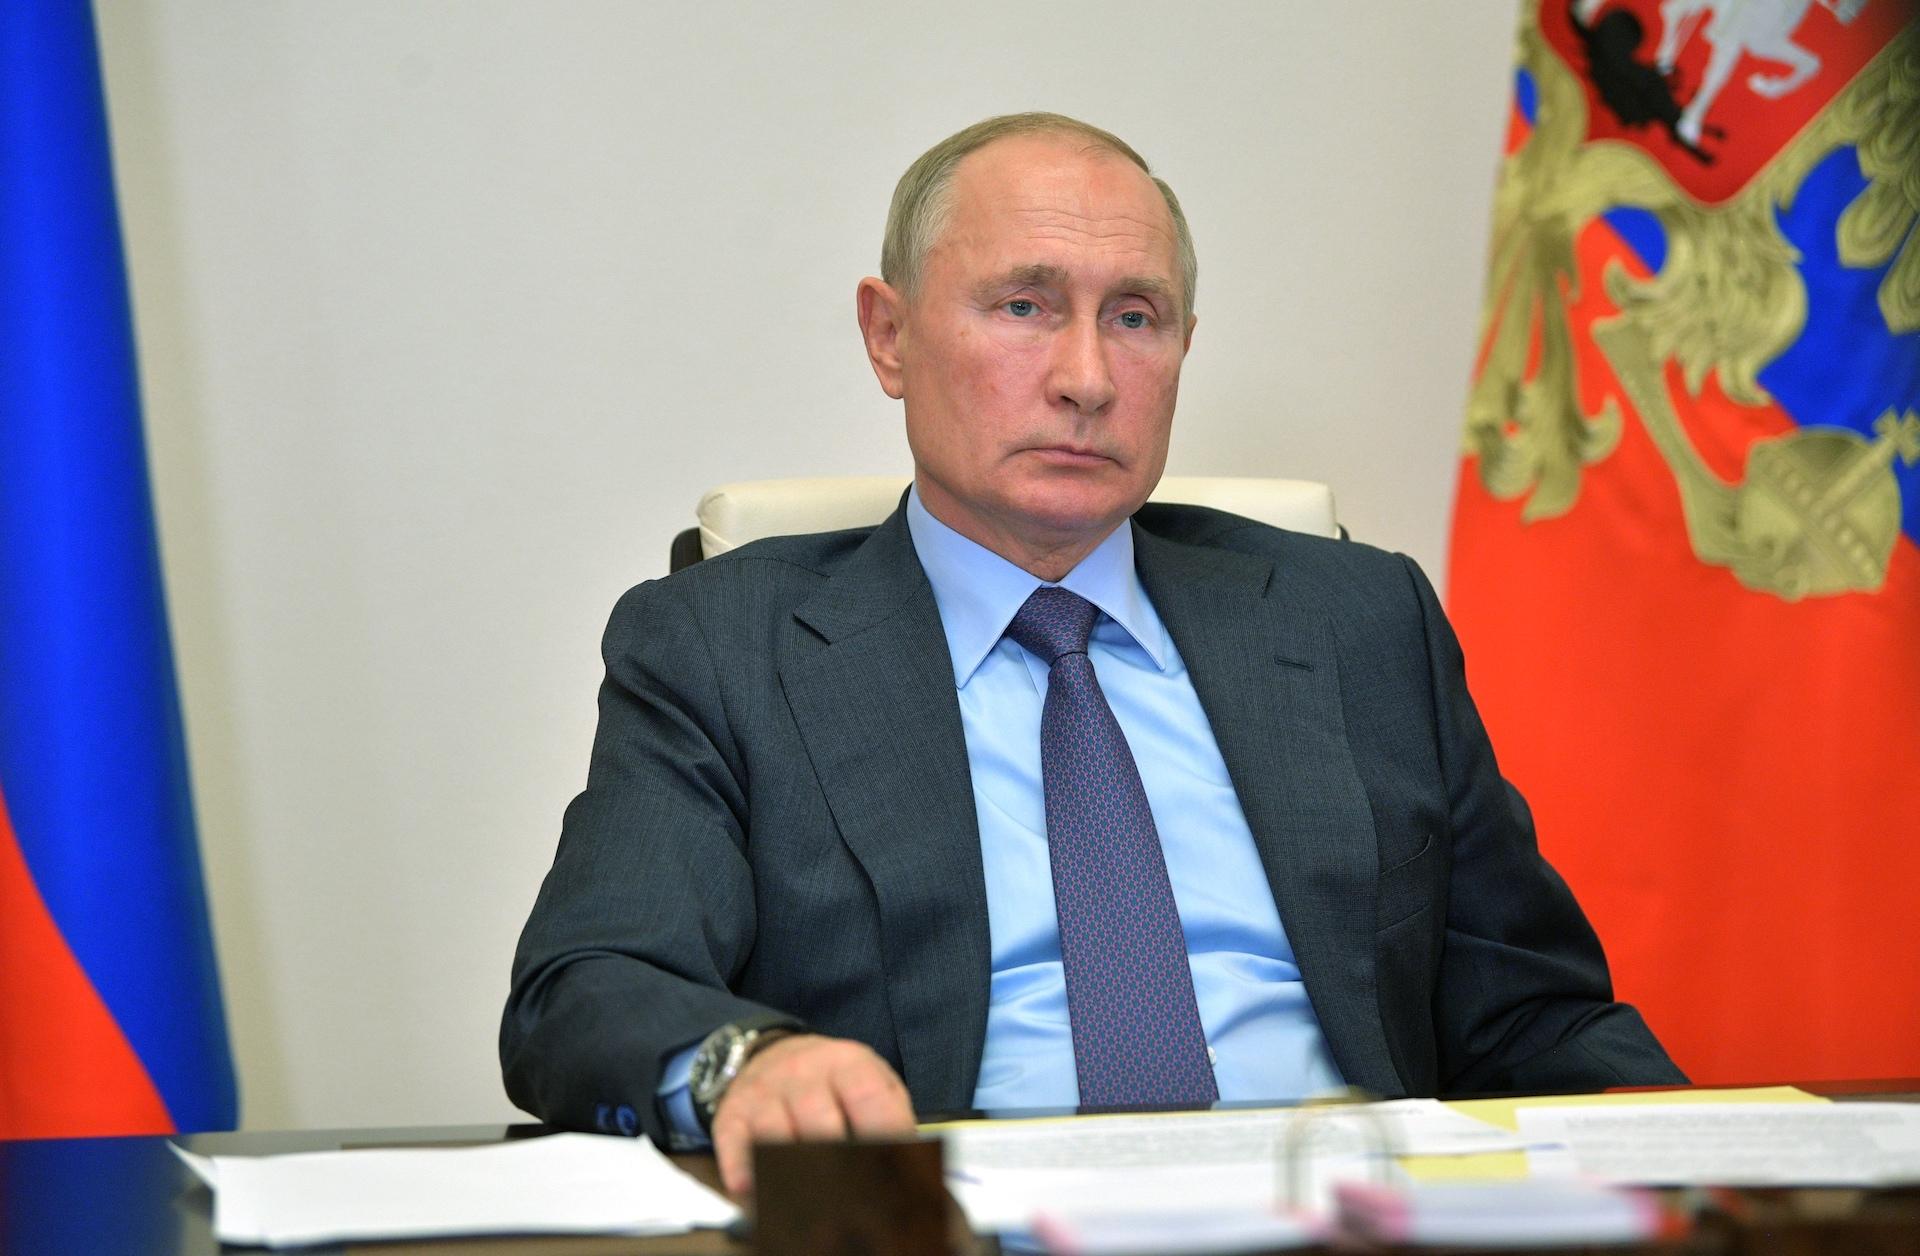 Tunnels désinfectant, quarantaine… Les mesures extrêmes prises par Poutine pour ne pas être contaminé par le coronavirus